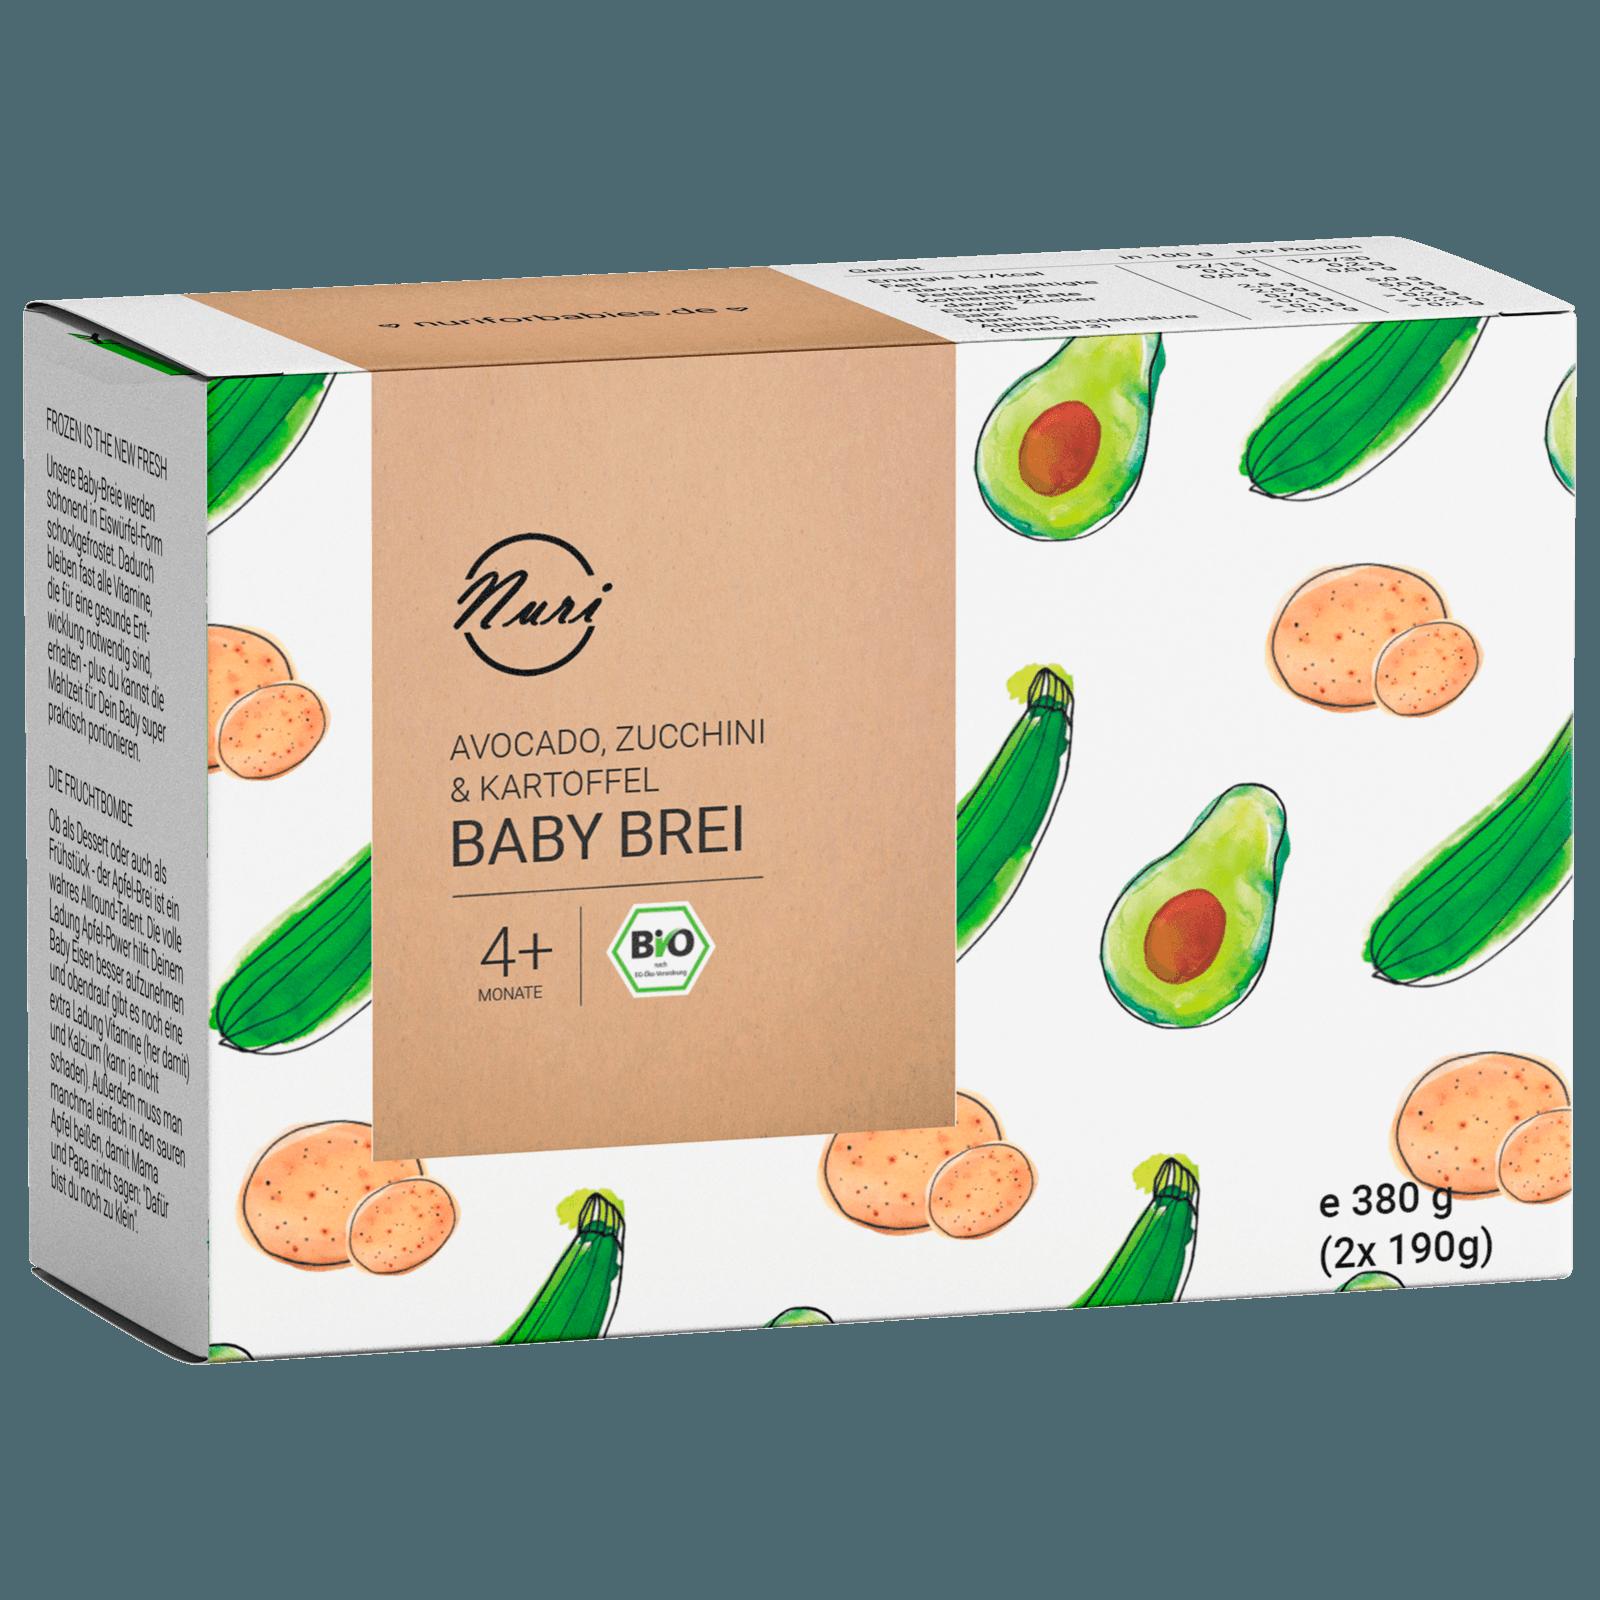 Nuri Bio Baby Brei Avocado 2x190g